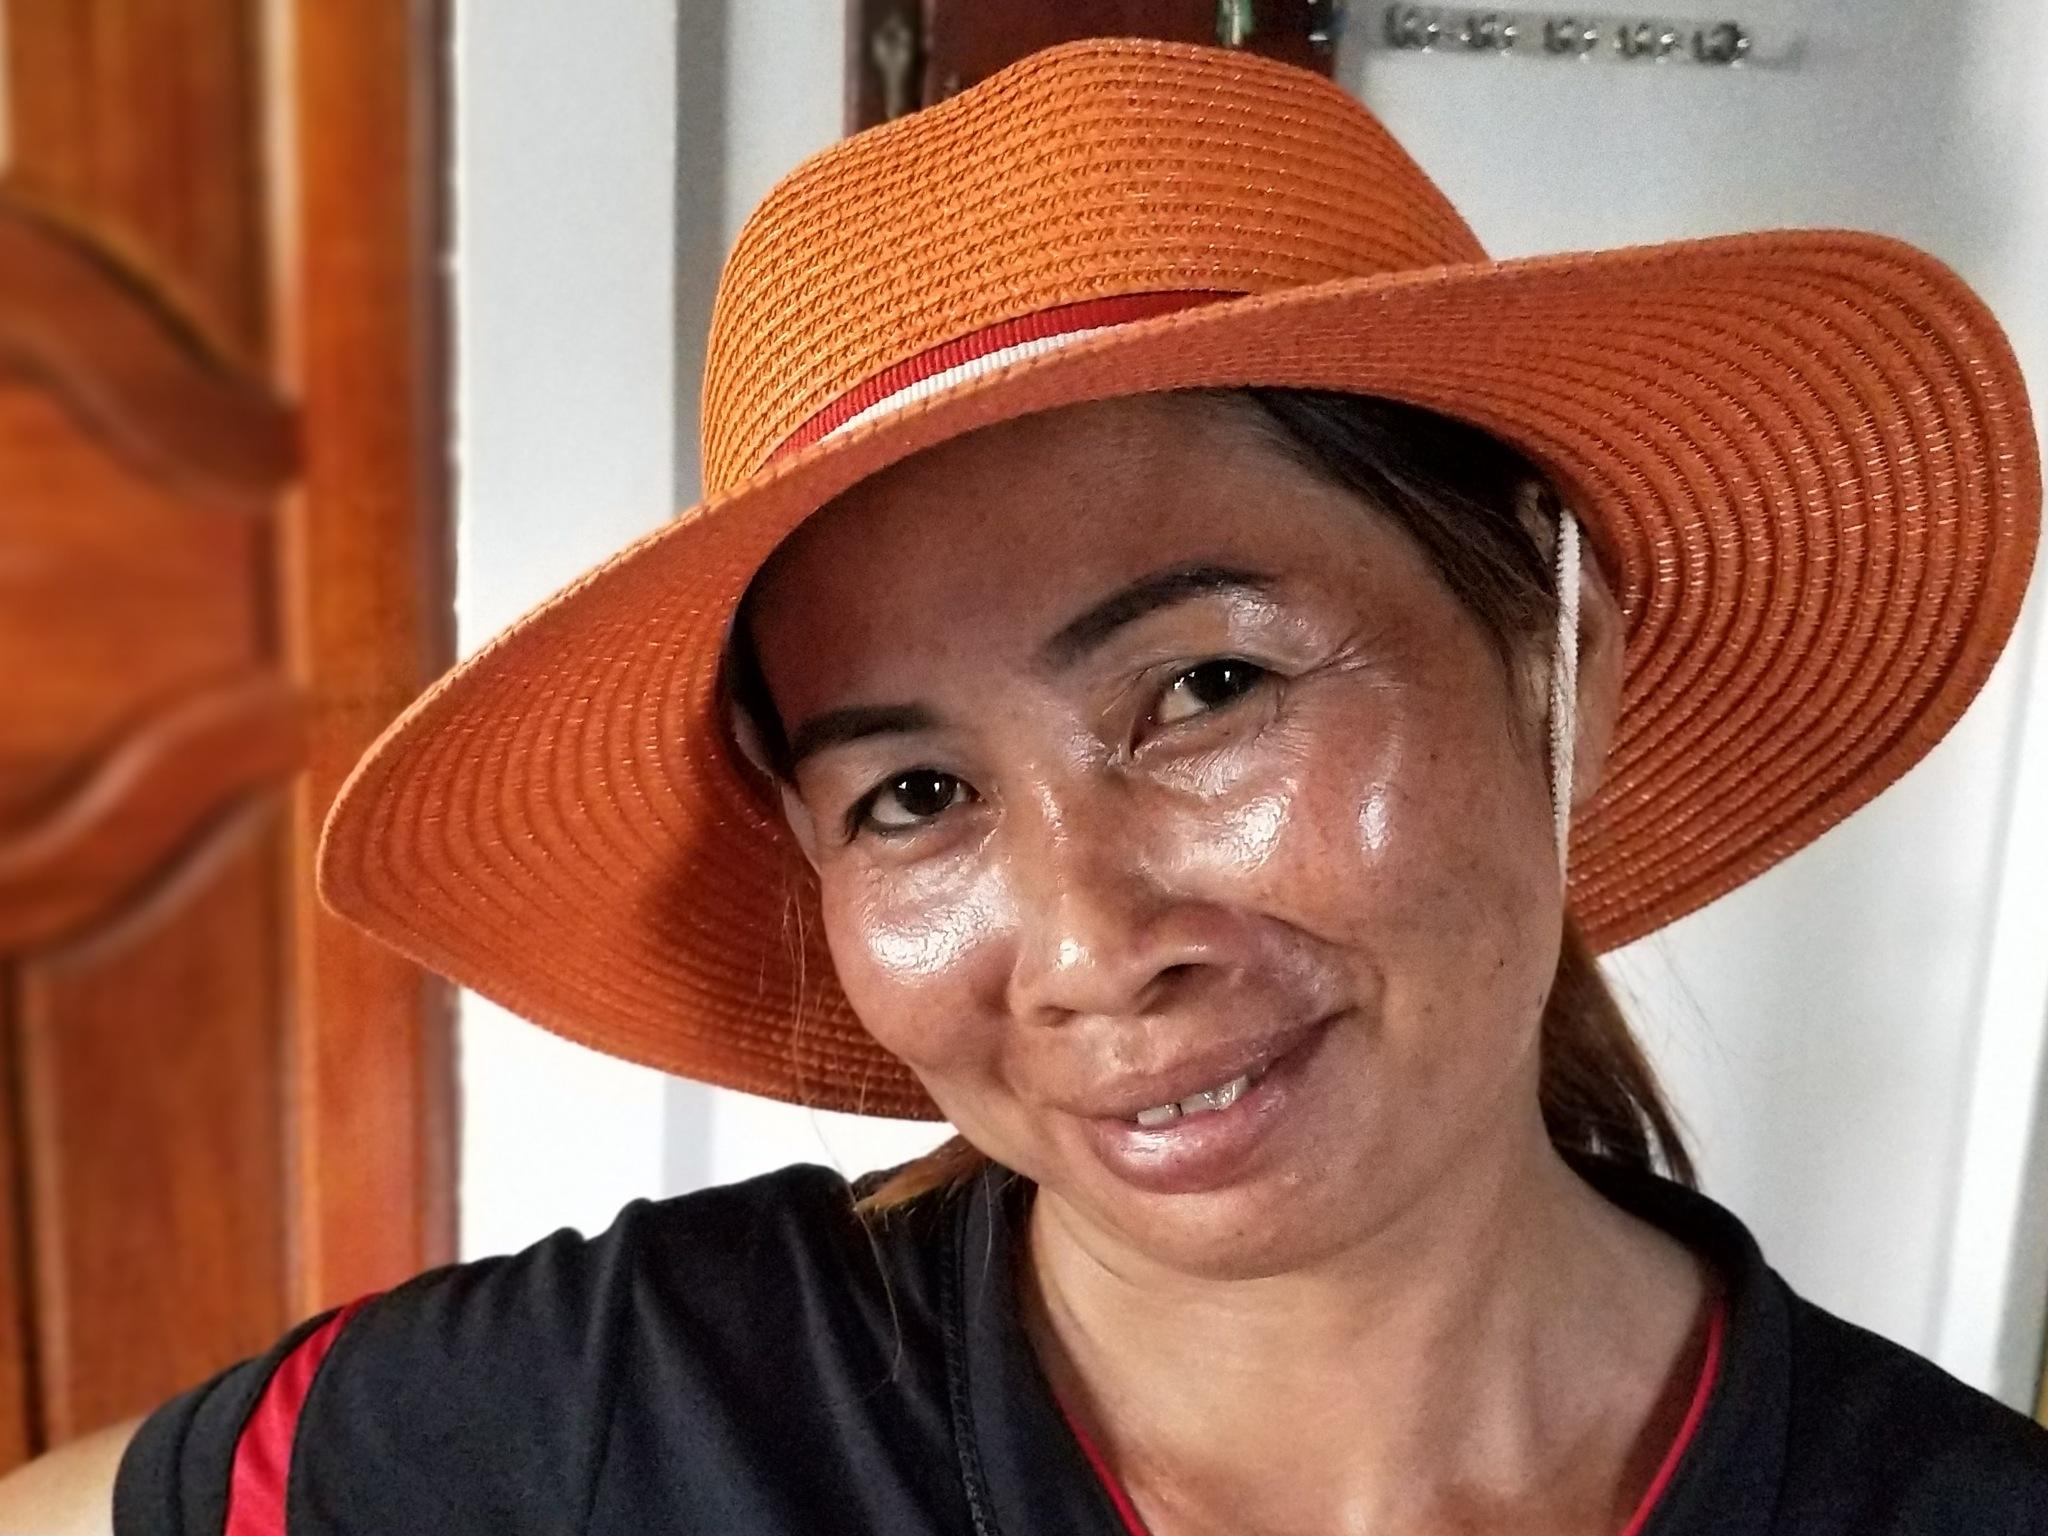 X027 Lady in orange hat 2 by Jeremy Holton